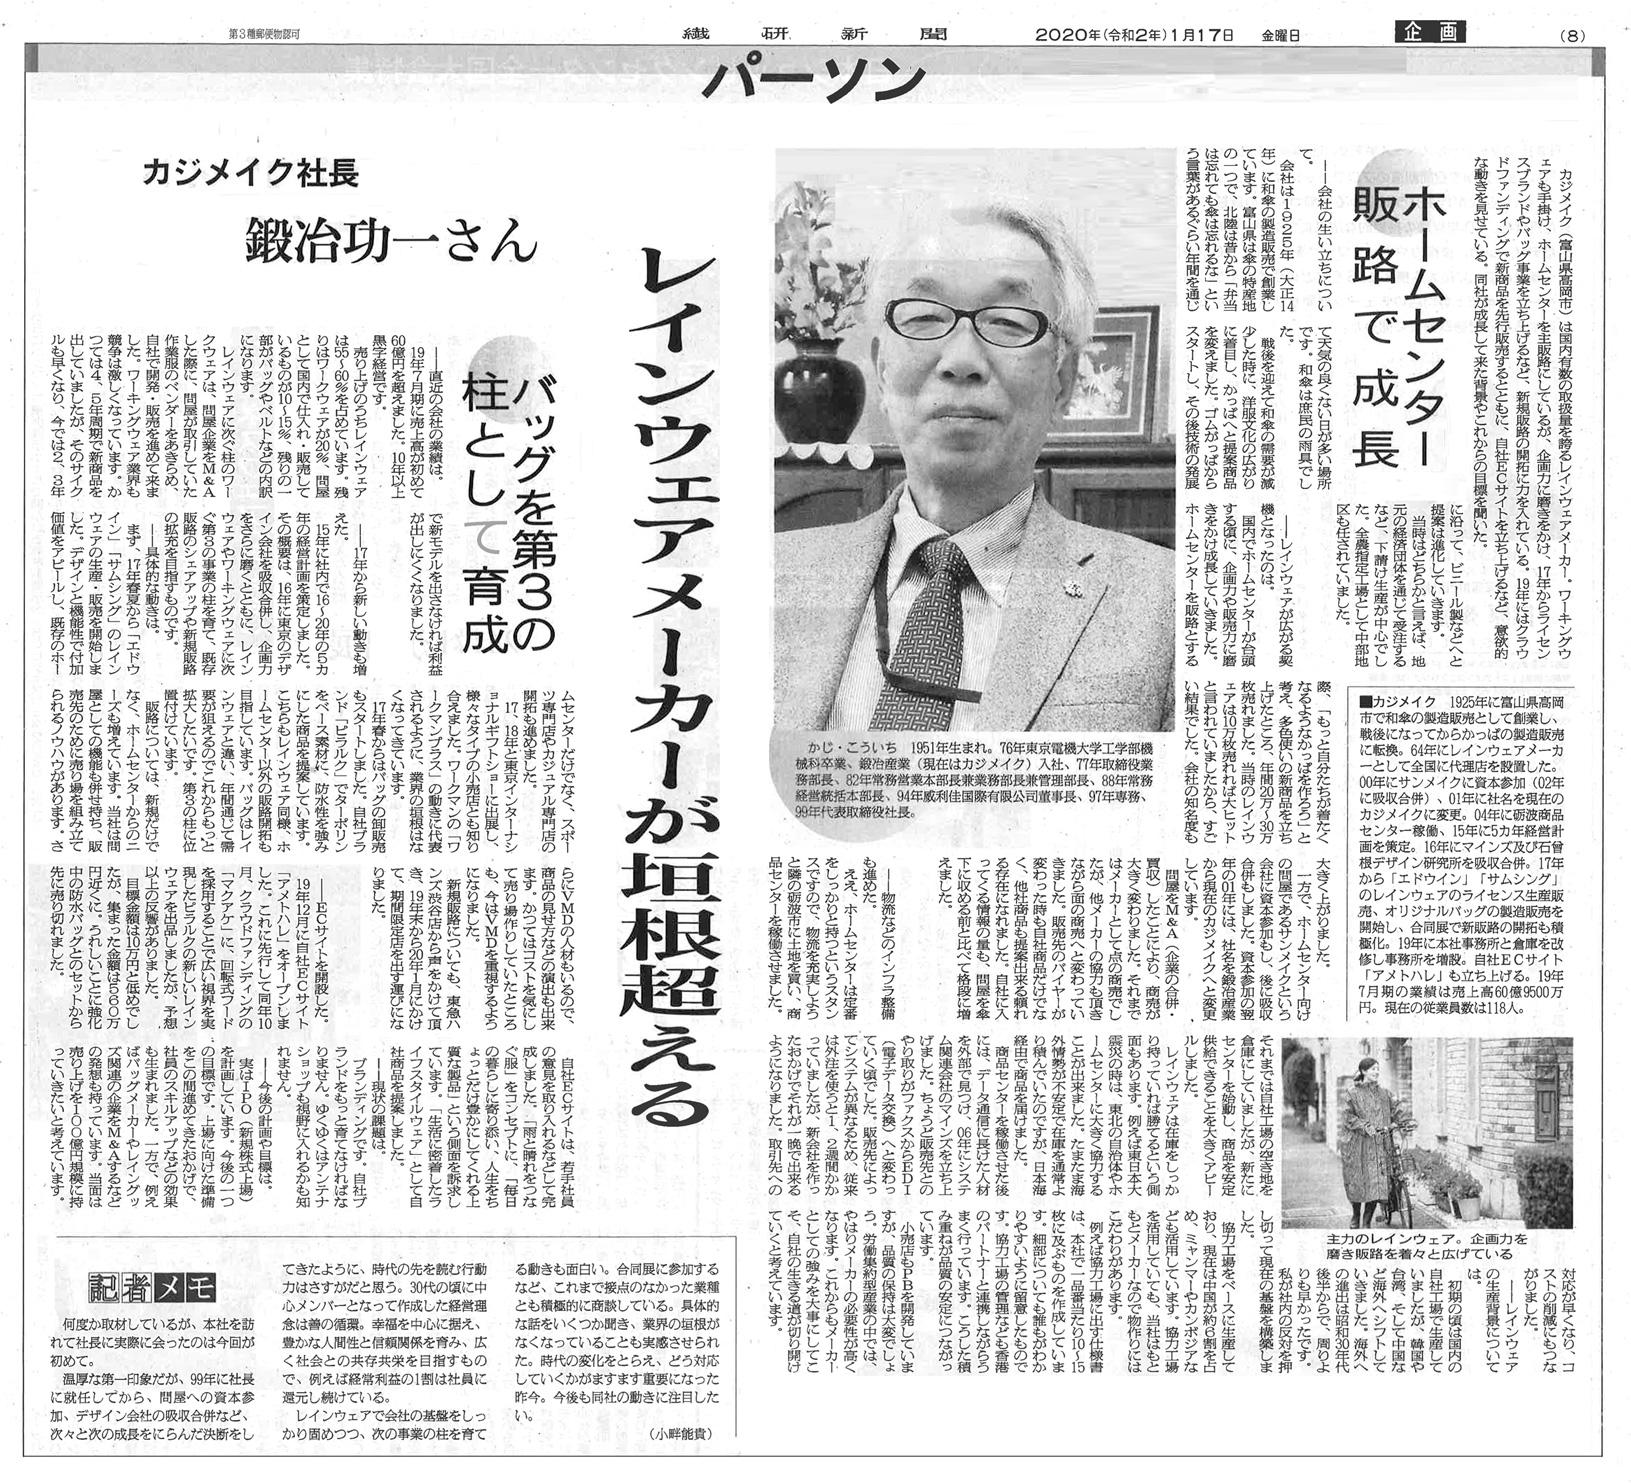 2020年1月17日 繊研新聞 カジメイク&アメトハレ プレスリリース 鍛冶功一 代表取締役社長